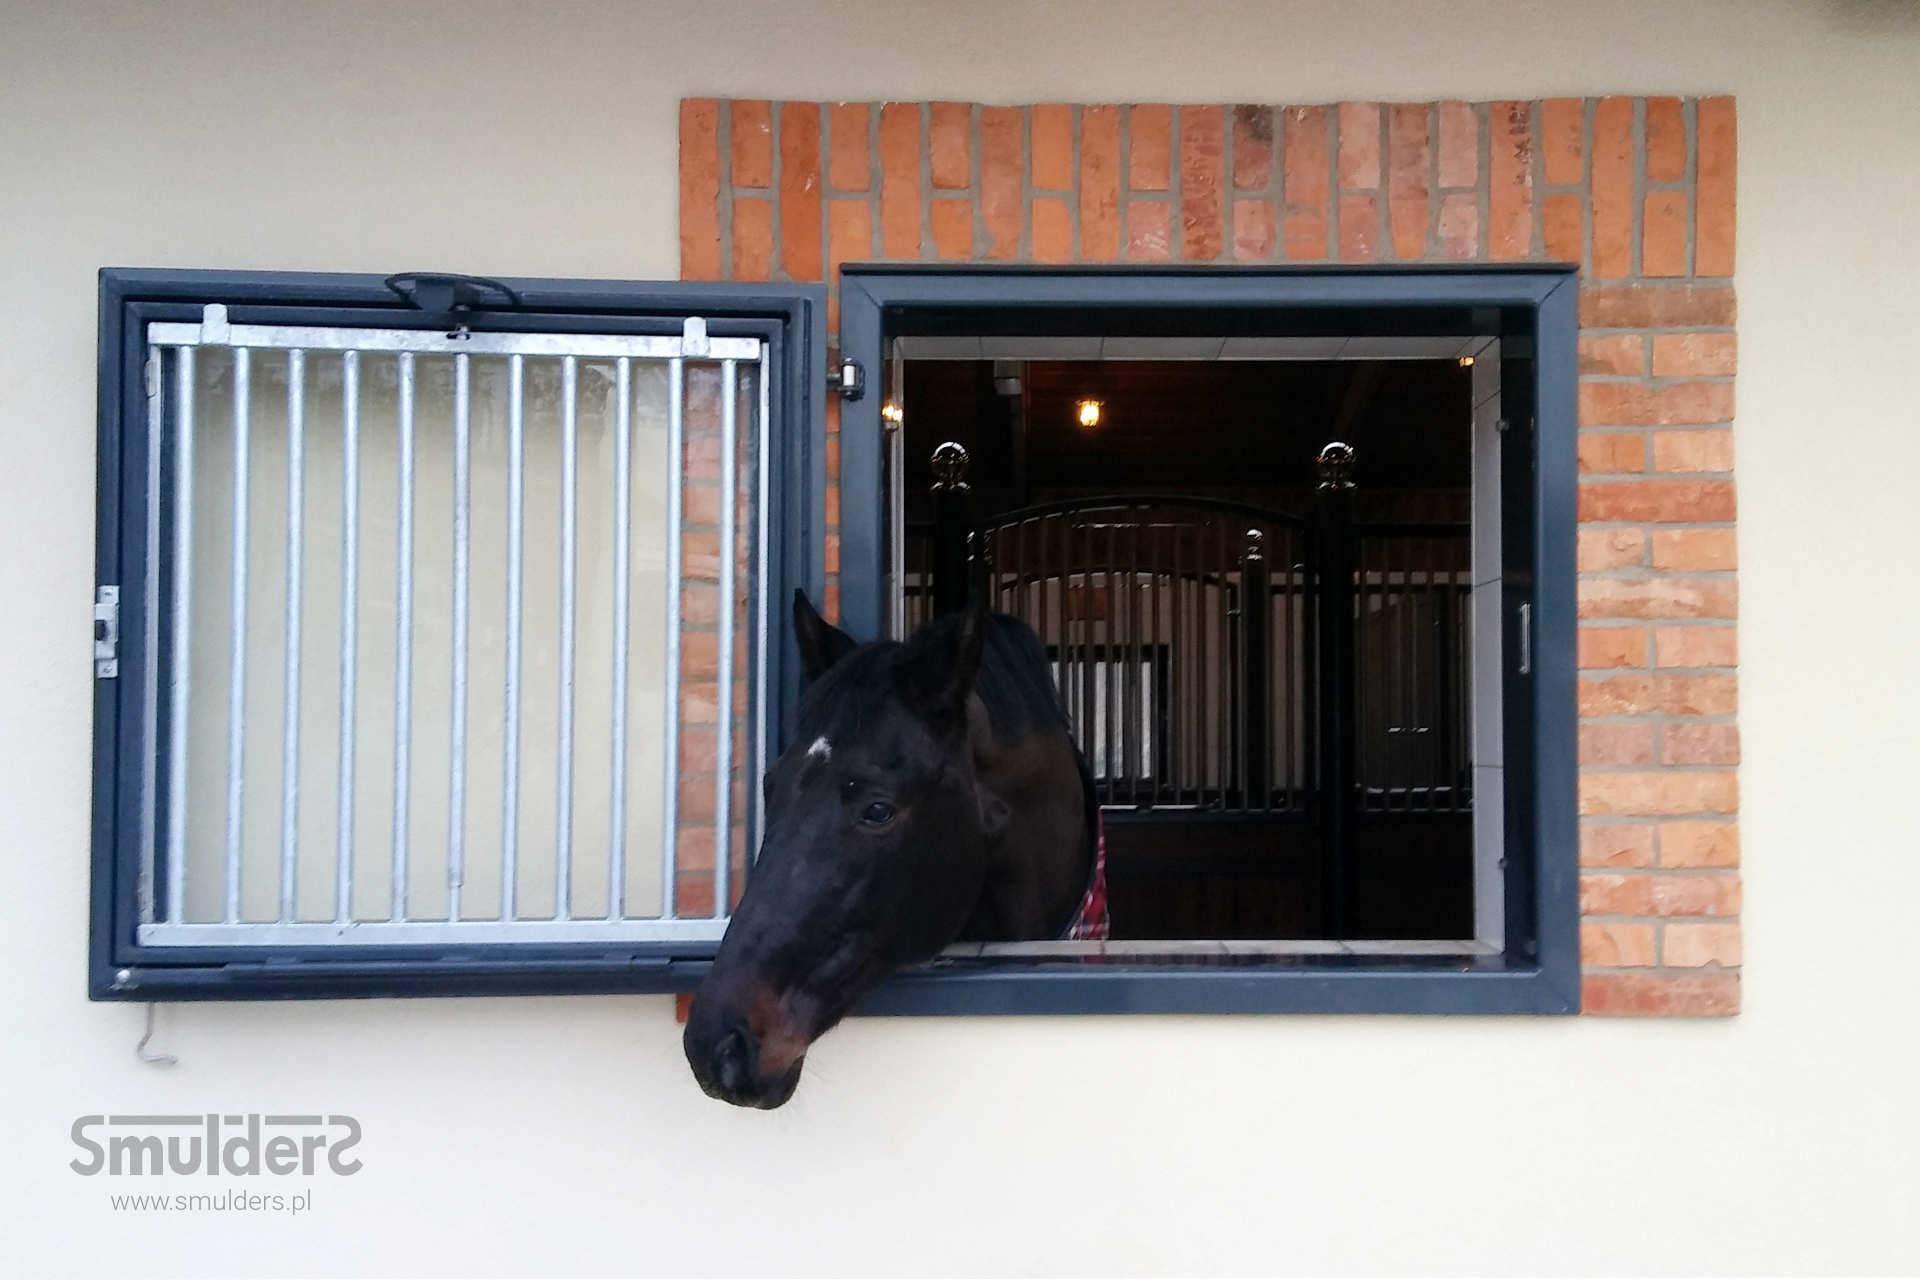 https://www.smulders.pl/wp-content/uploads/2019/03/f008_internal-stables_windsor_barn-door_door_windows_LAN_SMULDERS_PL.jpg